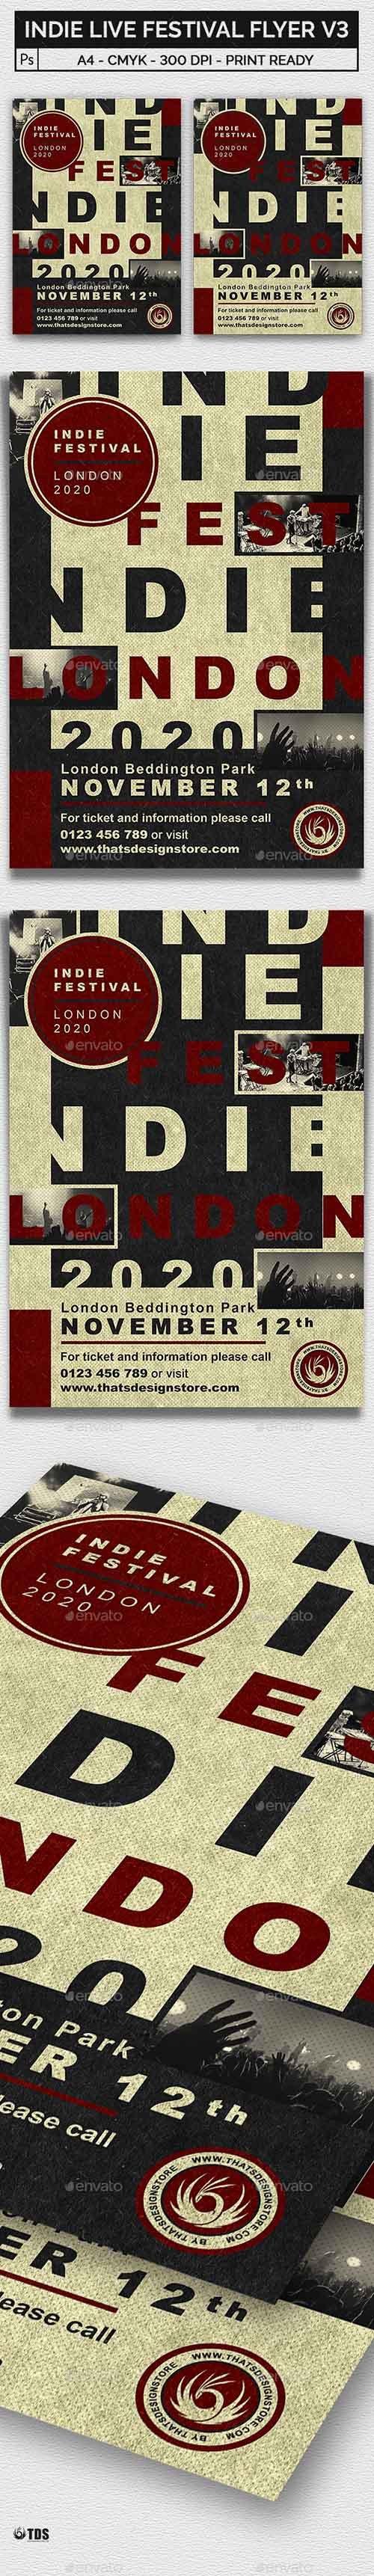 Indie Live Festival Flyer Template V3 21450723